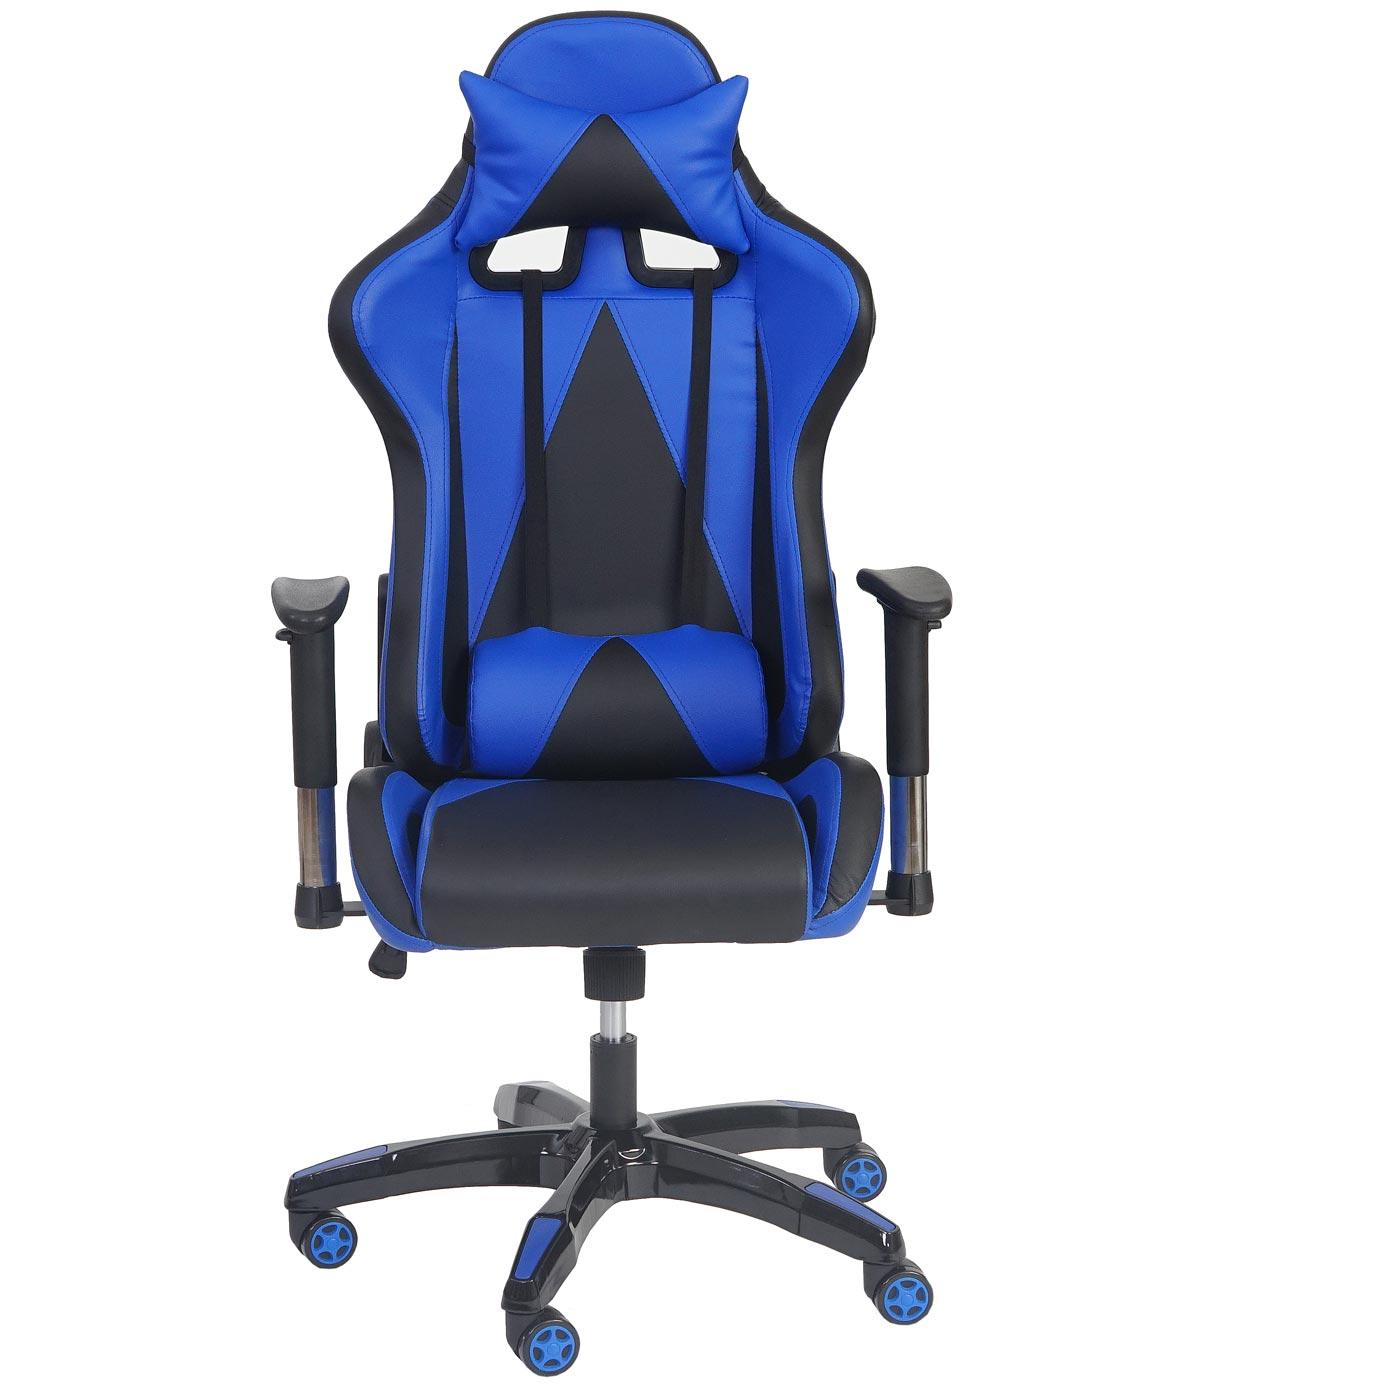 profi b rostuhl hwc t682 xxl drehstuhl gaming 150kg belastbar kunstleder blau. Black Bedroom Furniture Sets. Home Design Ideas